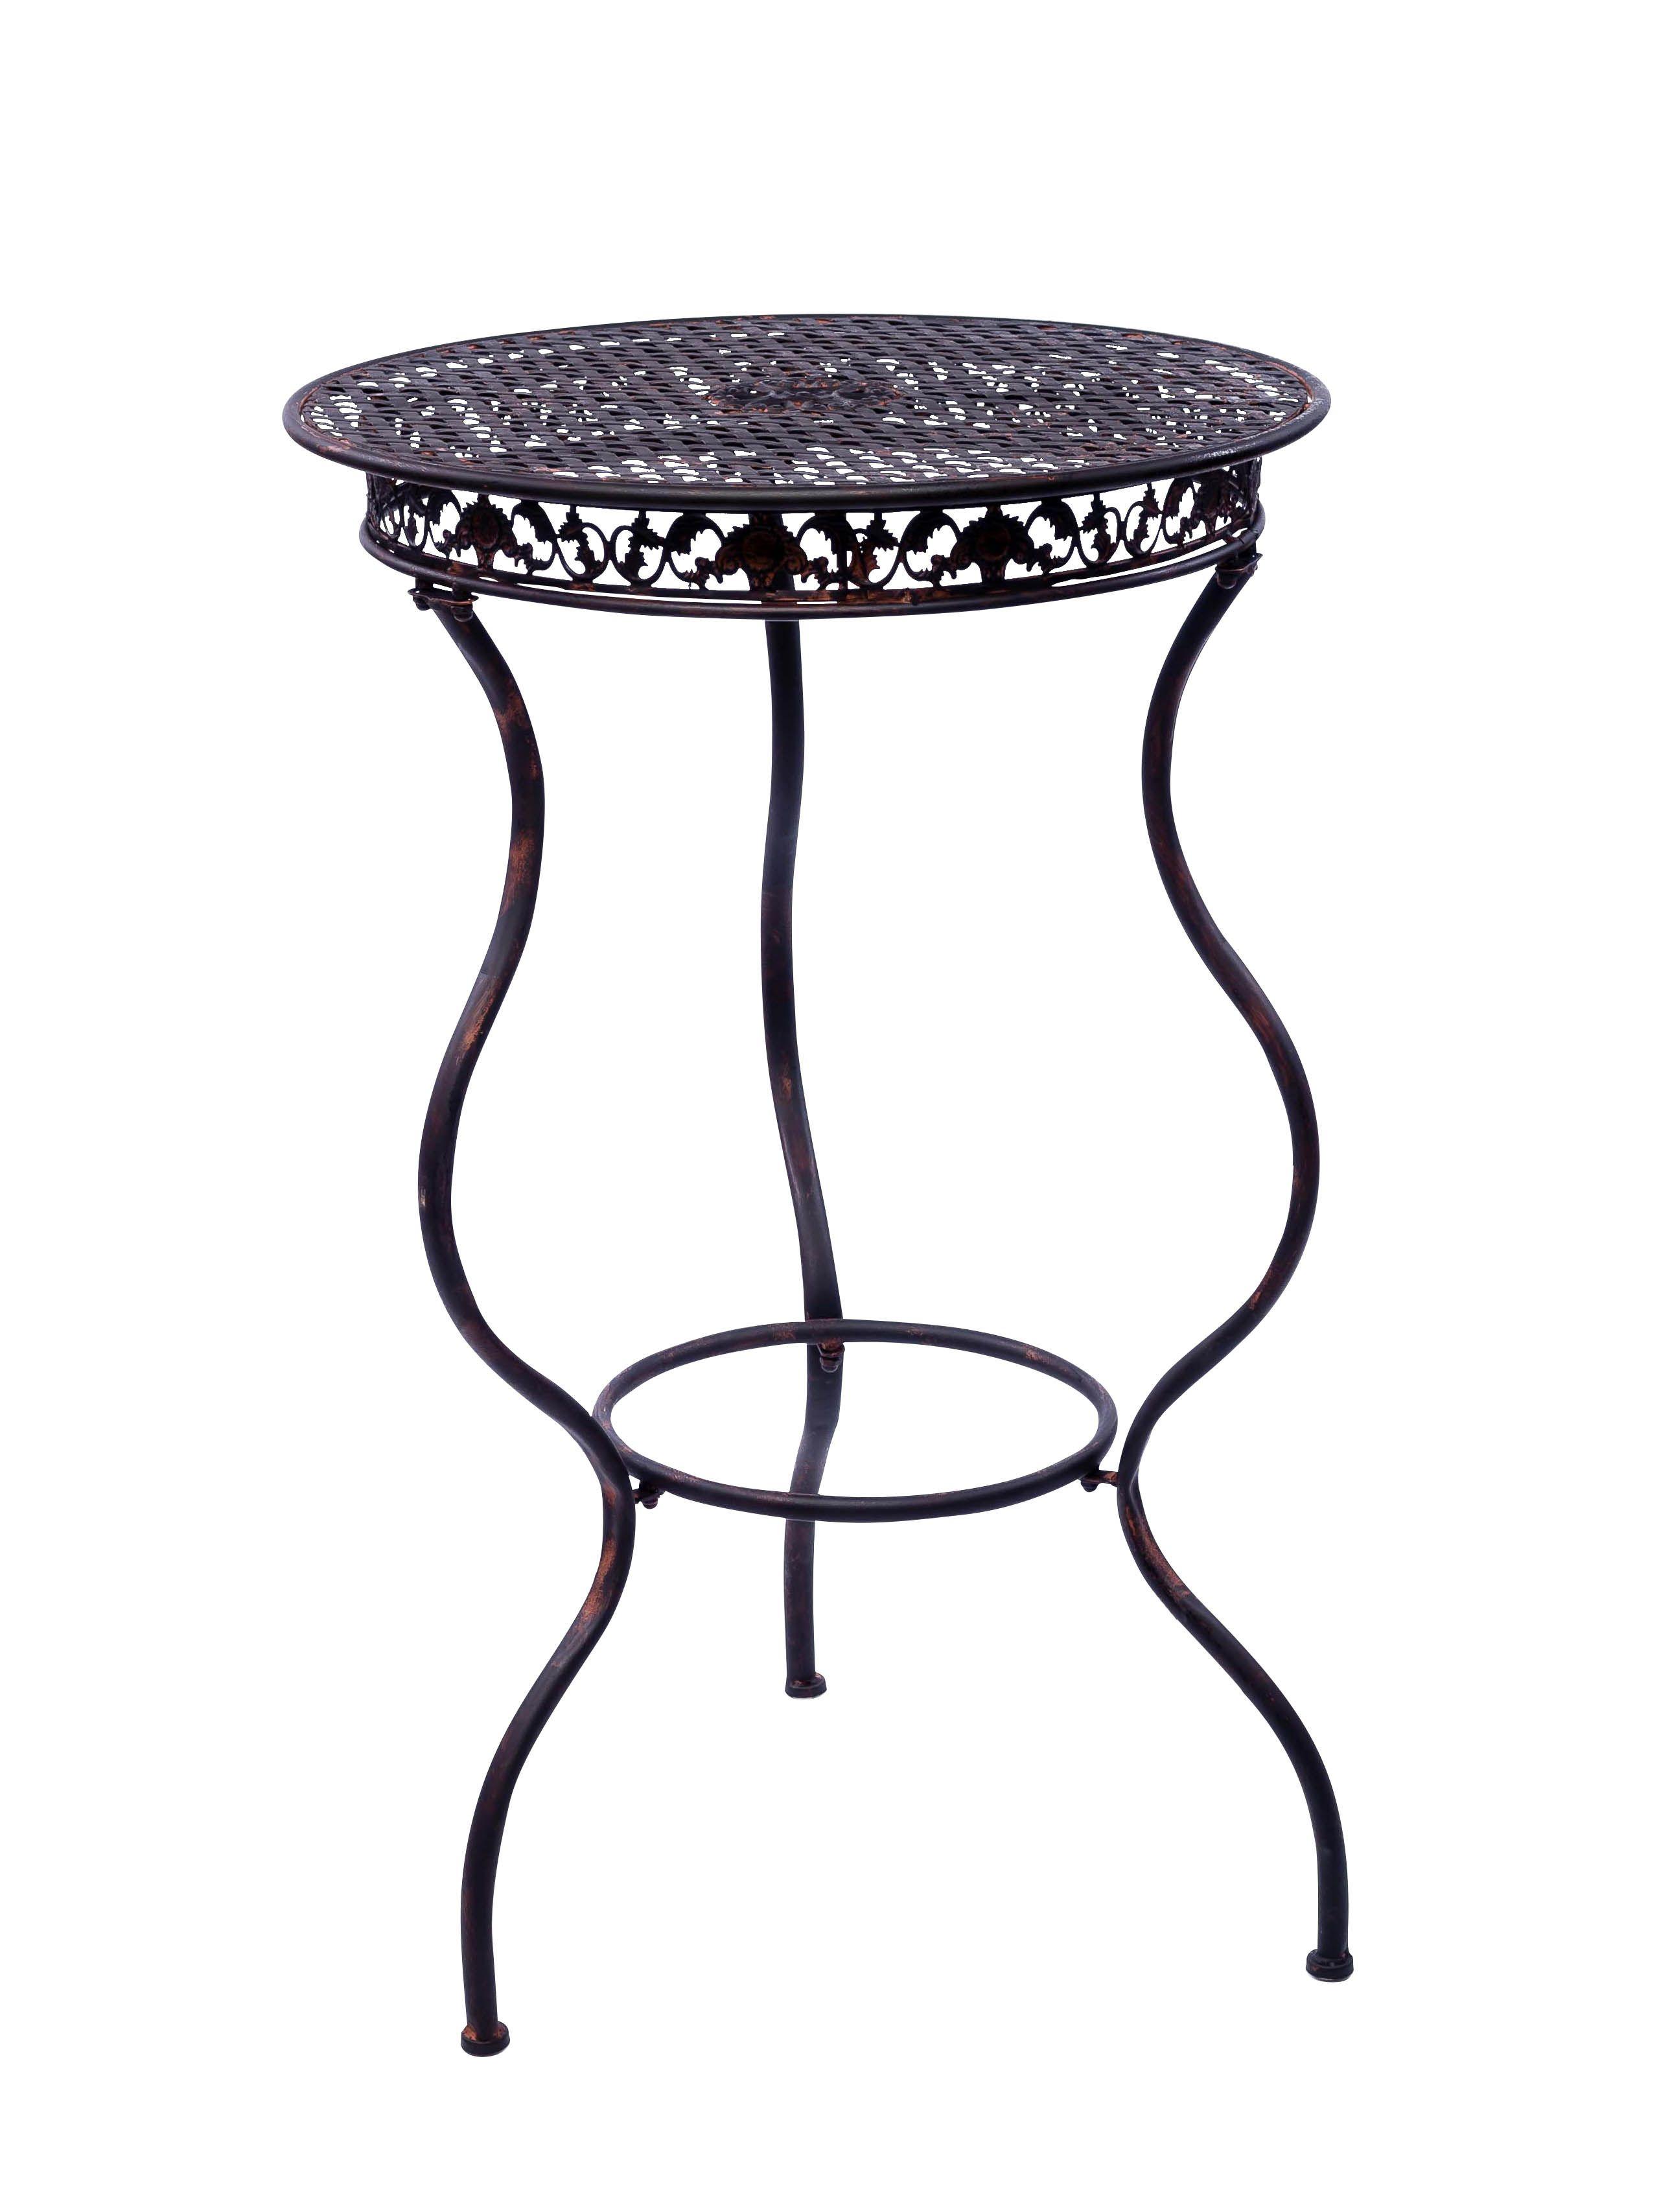 Wunderschöner Gartentisch in schwarz aus Eisen im Antik-Stil ...